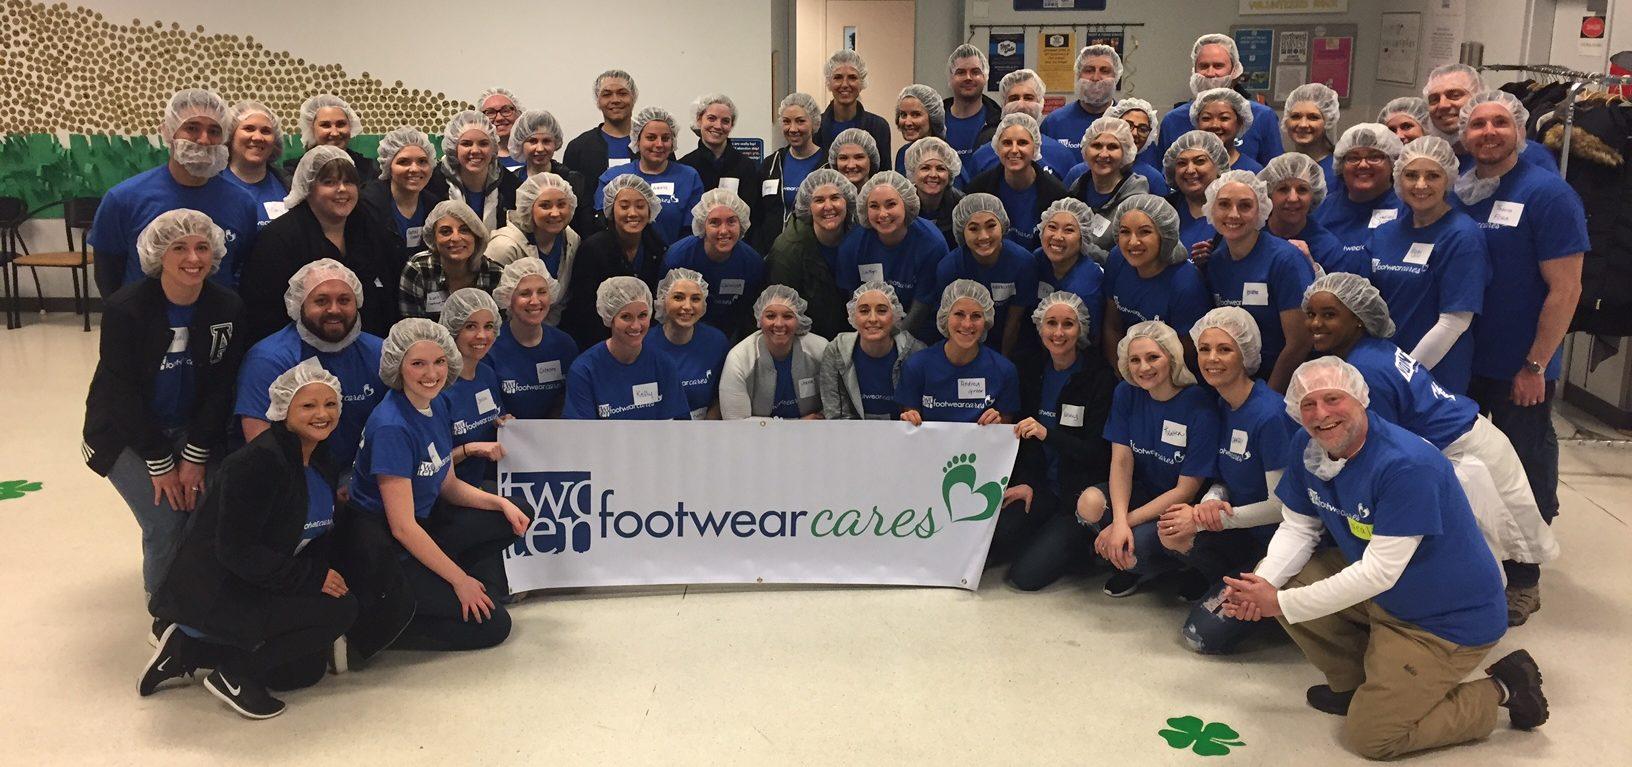 Seattle Footwear Cares - Nortwest Harvest Food Bank